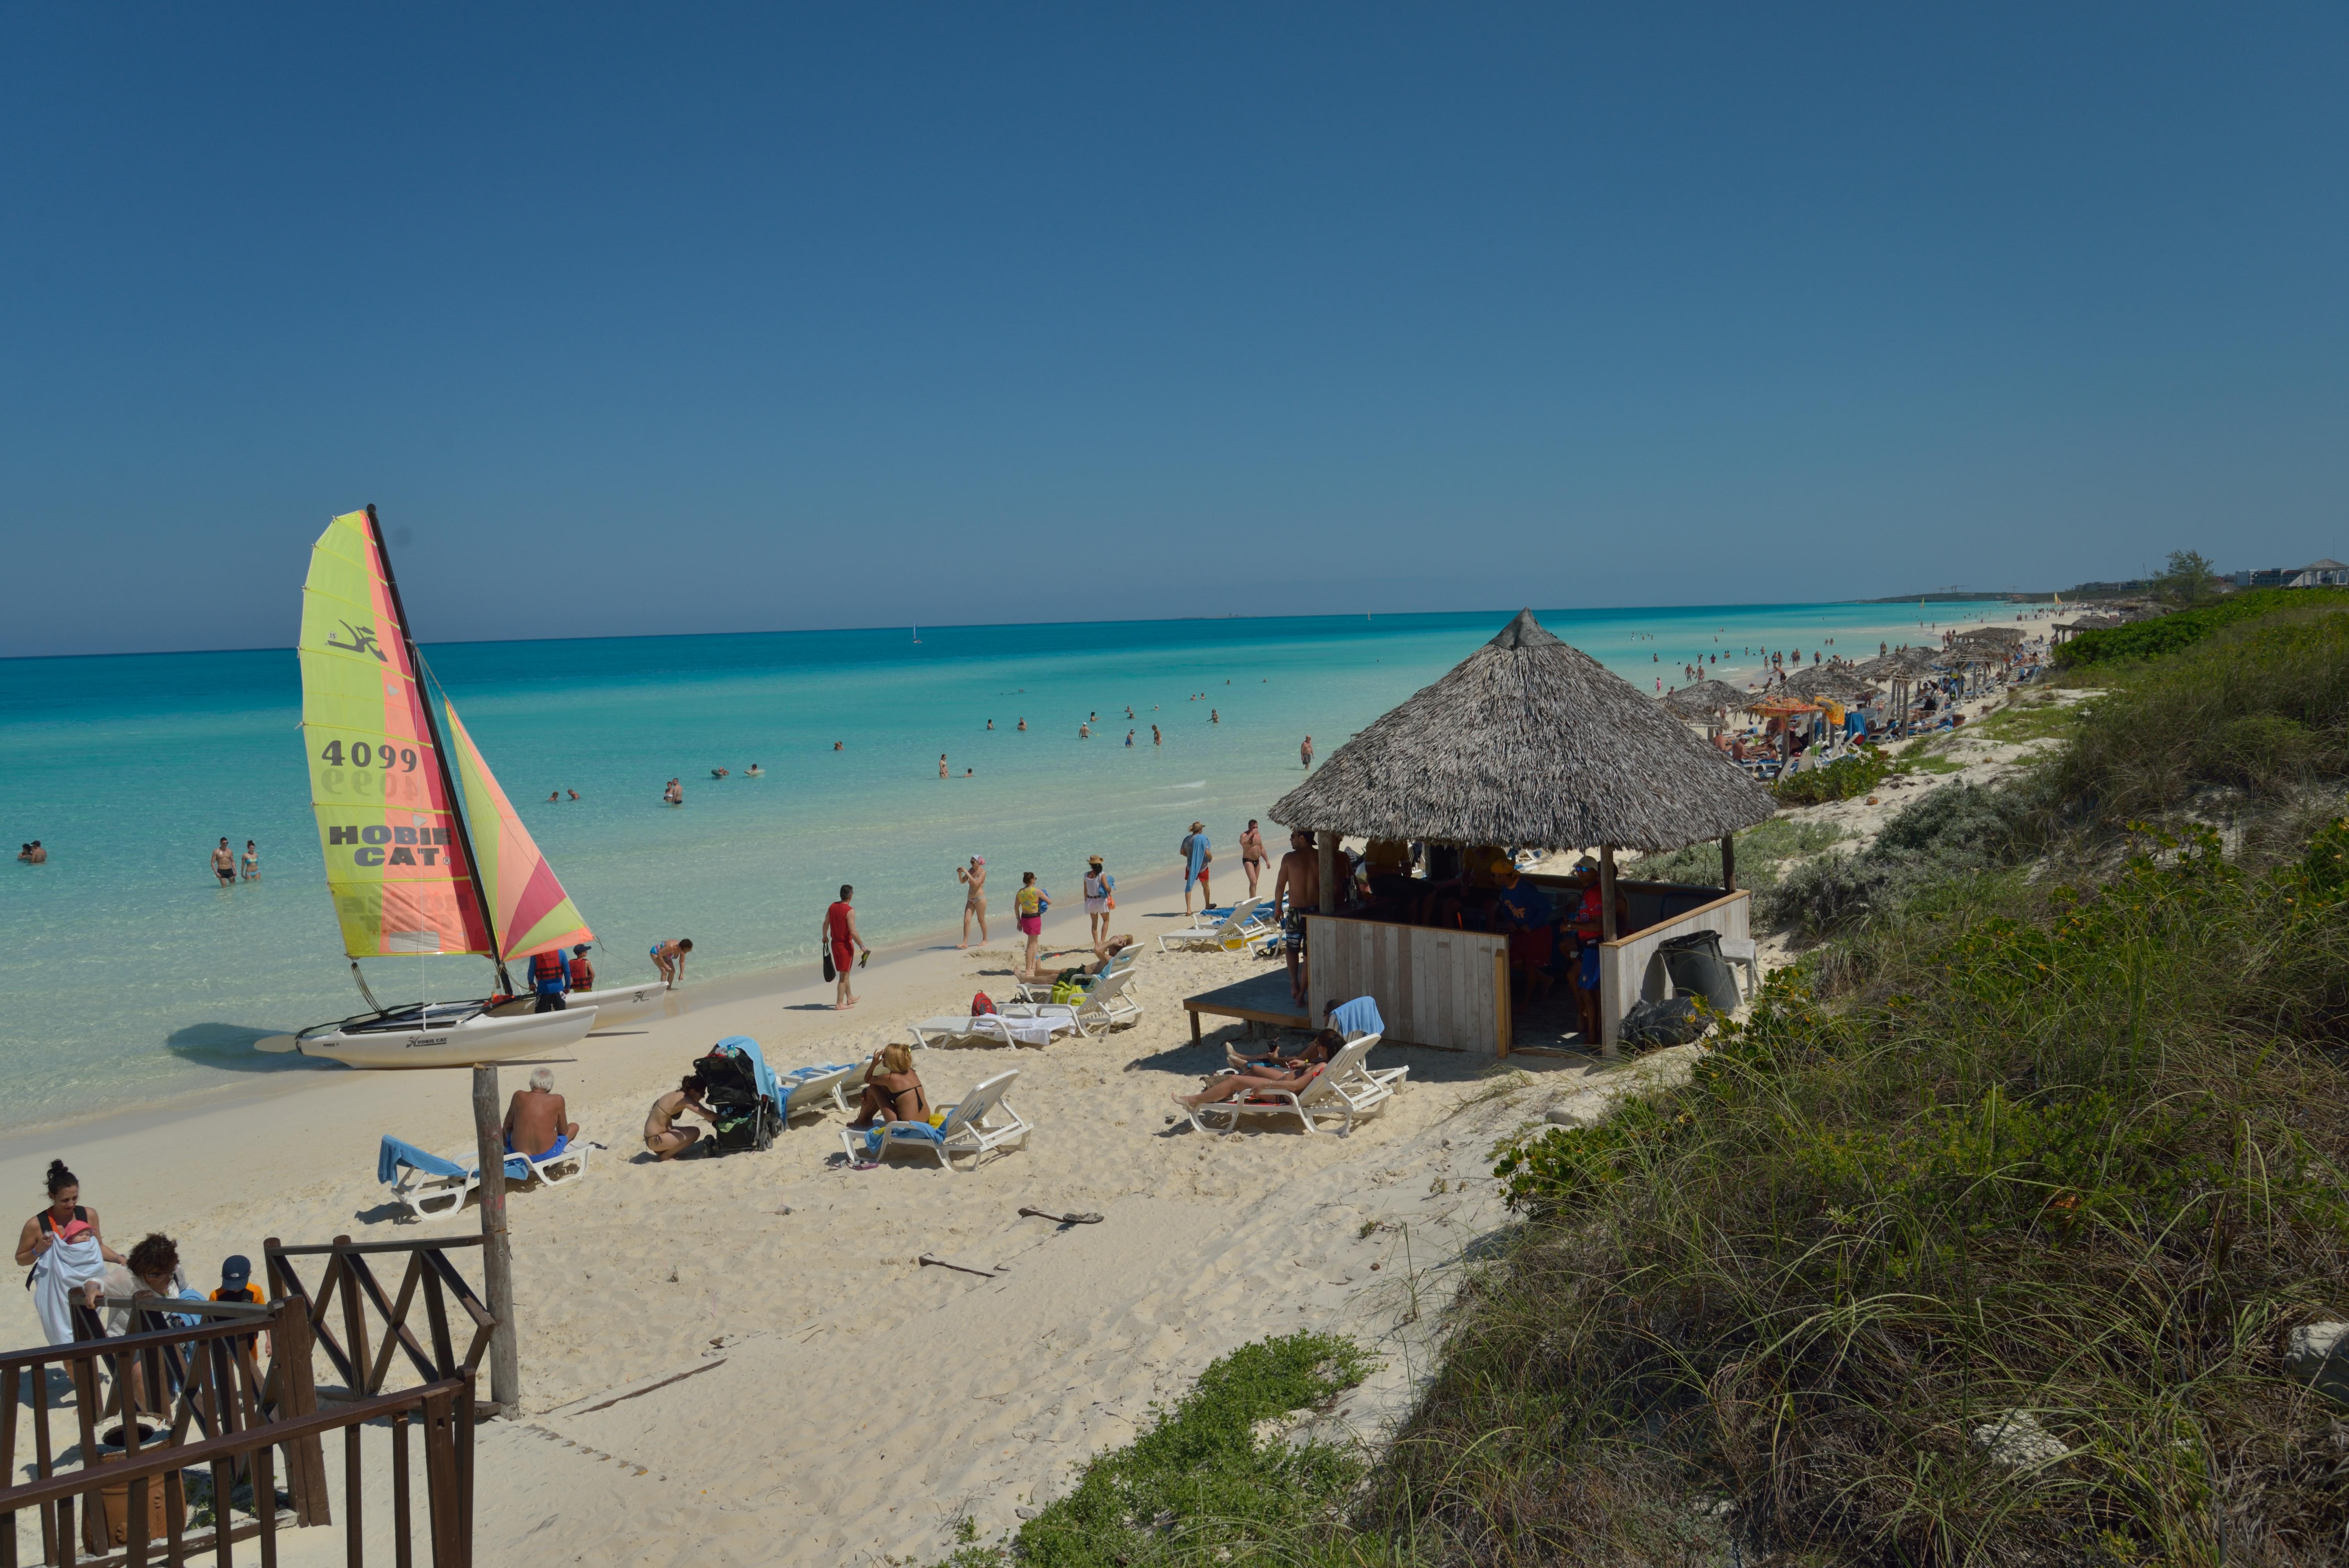 cuba turismo hoteles cayos cayo santa maría higiene